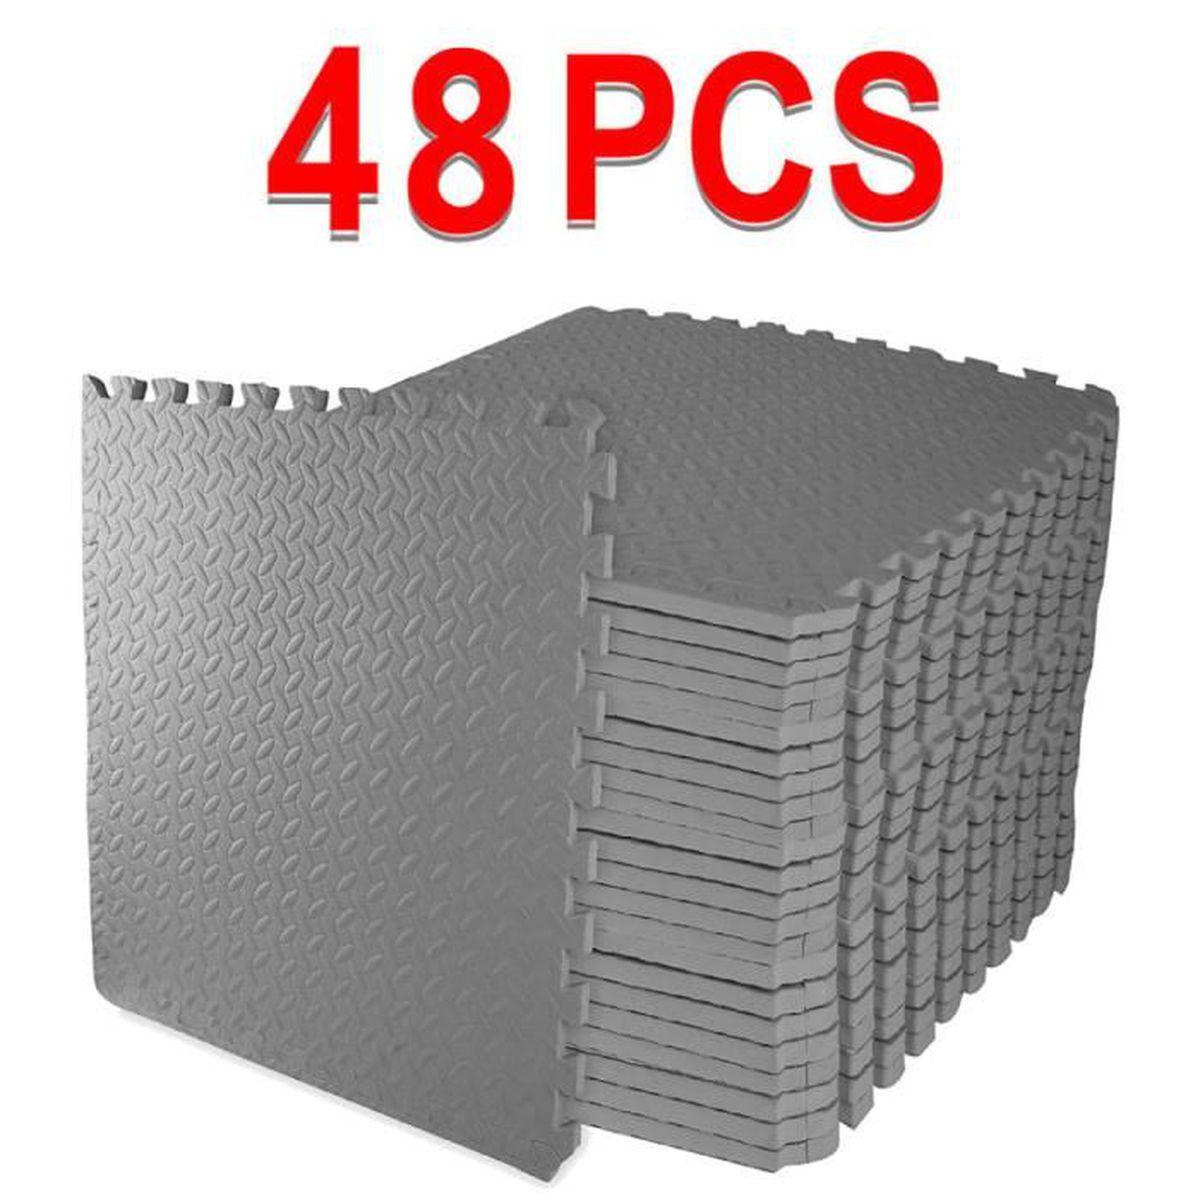 Sol Pour Salle De Sport lot de 48 tapis de sol pour extérieur/intérieur à emboîter réversible pour  salle de sport,exercice,yoga, 192 square feet,gris